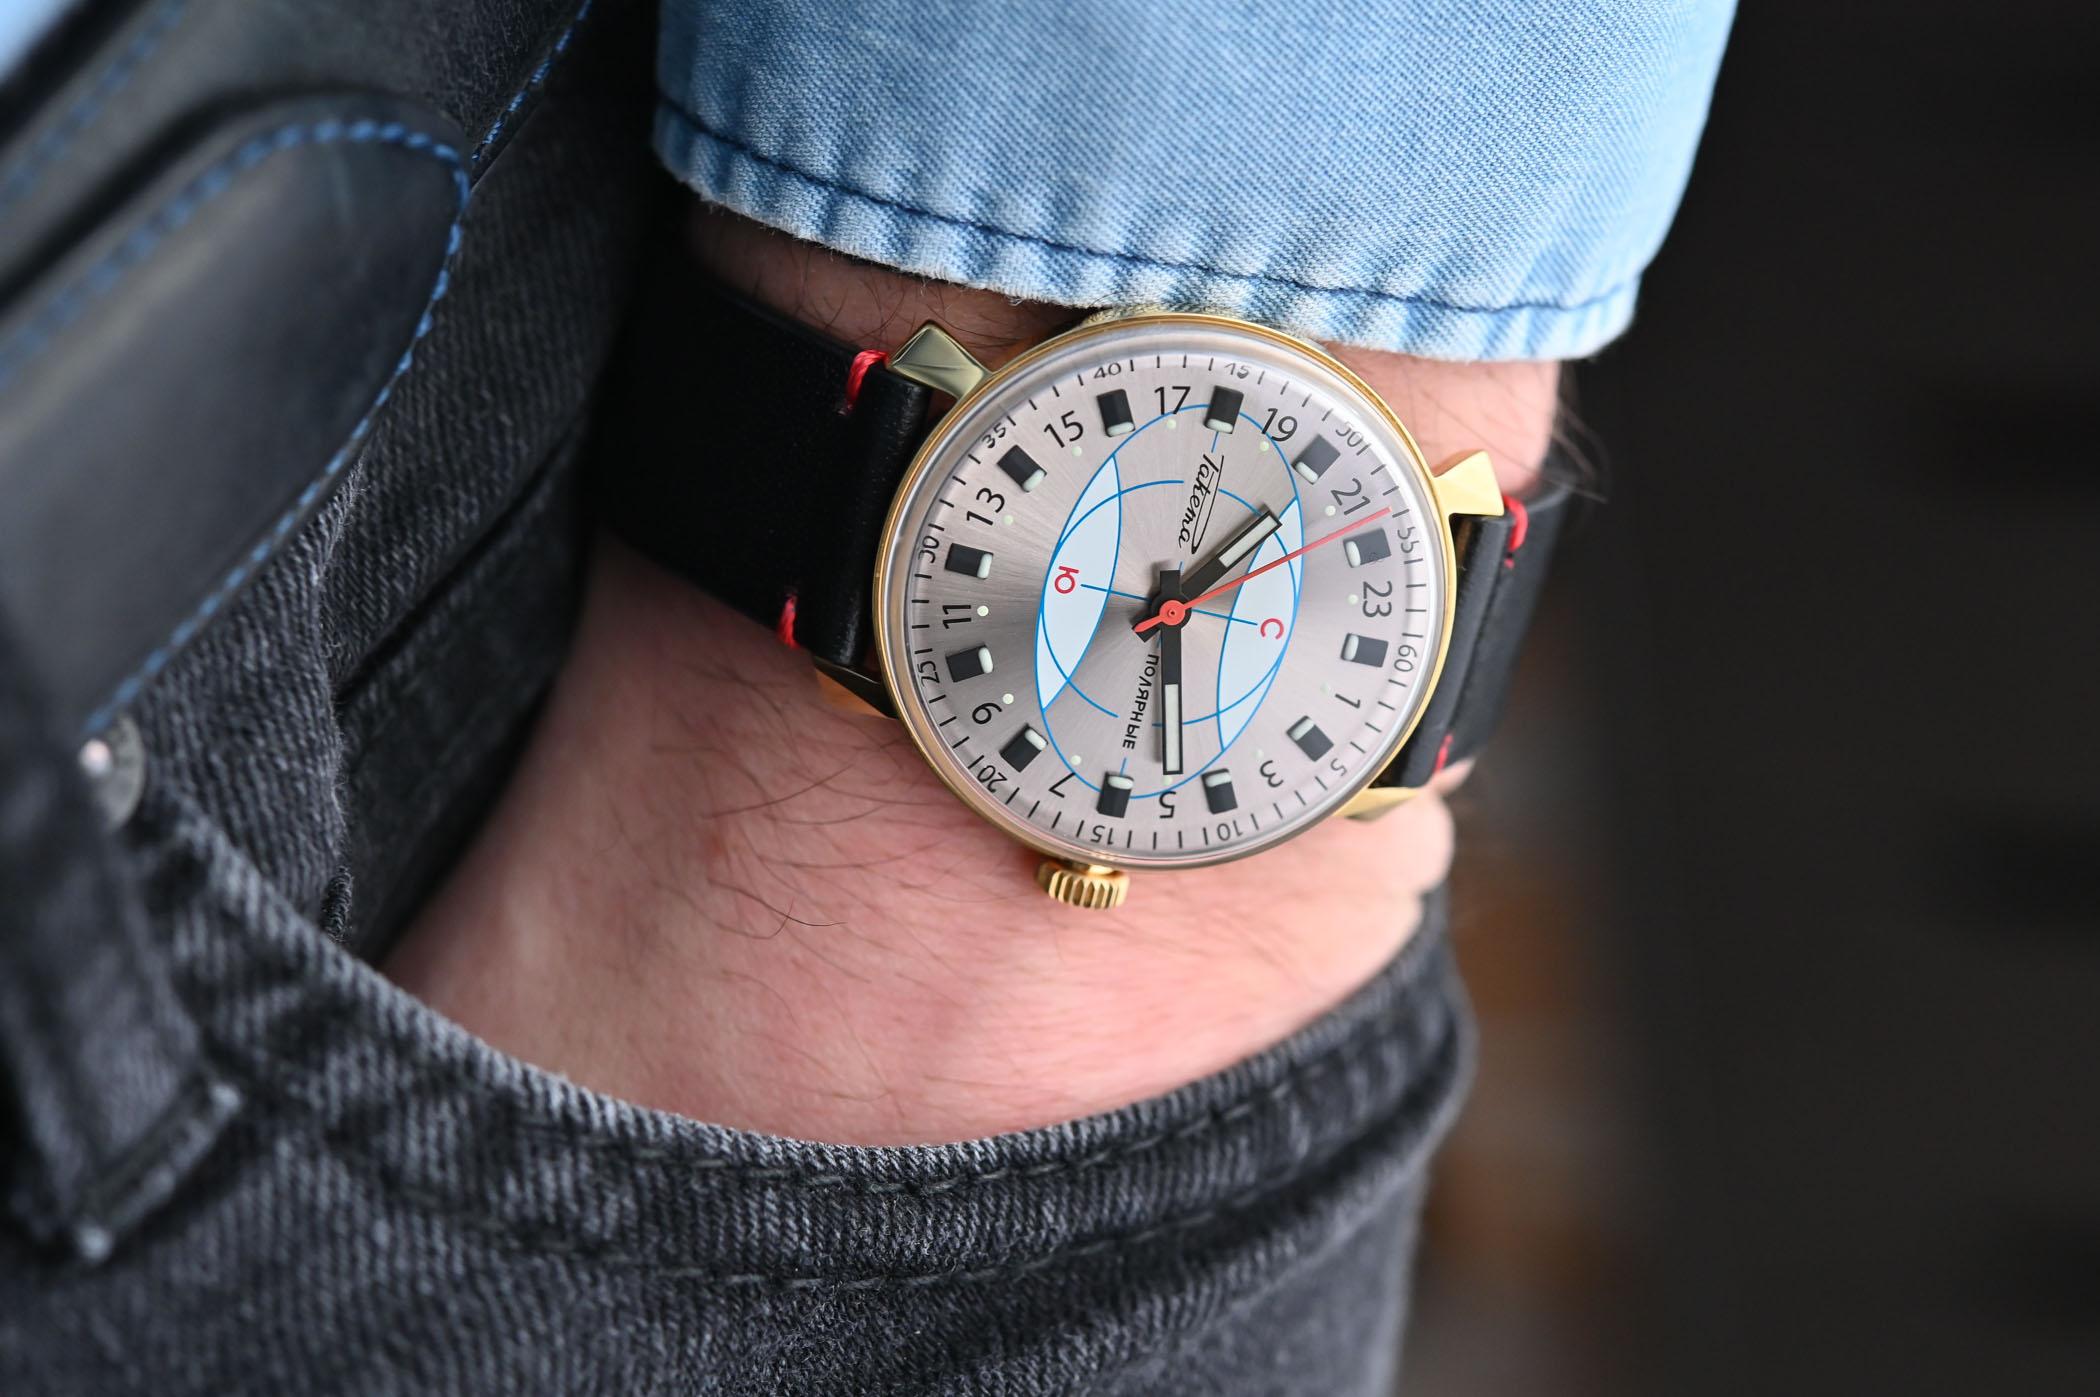 Raketa Polar Watch Reissue